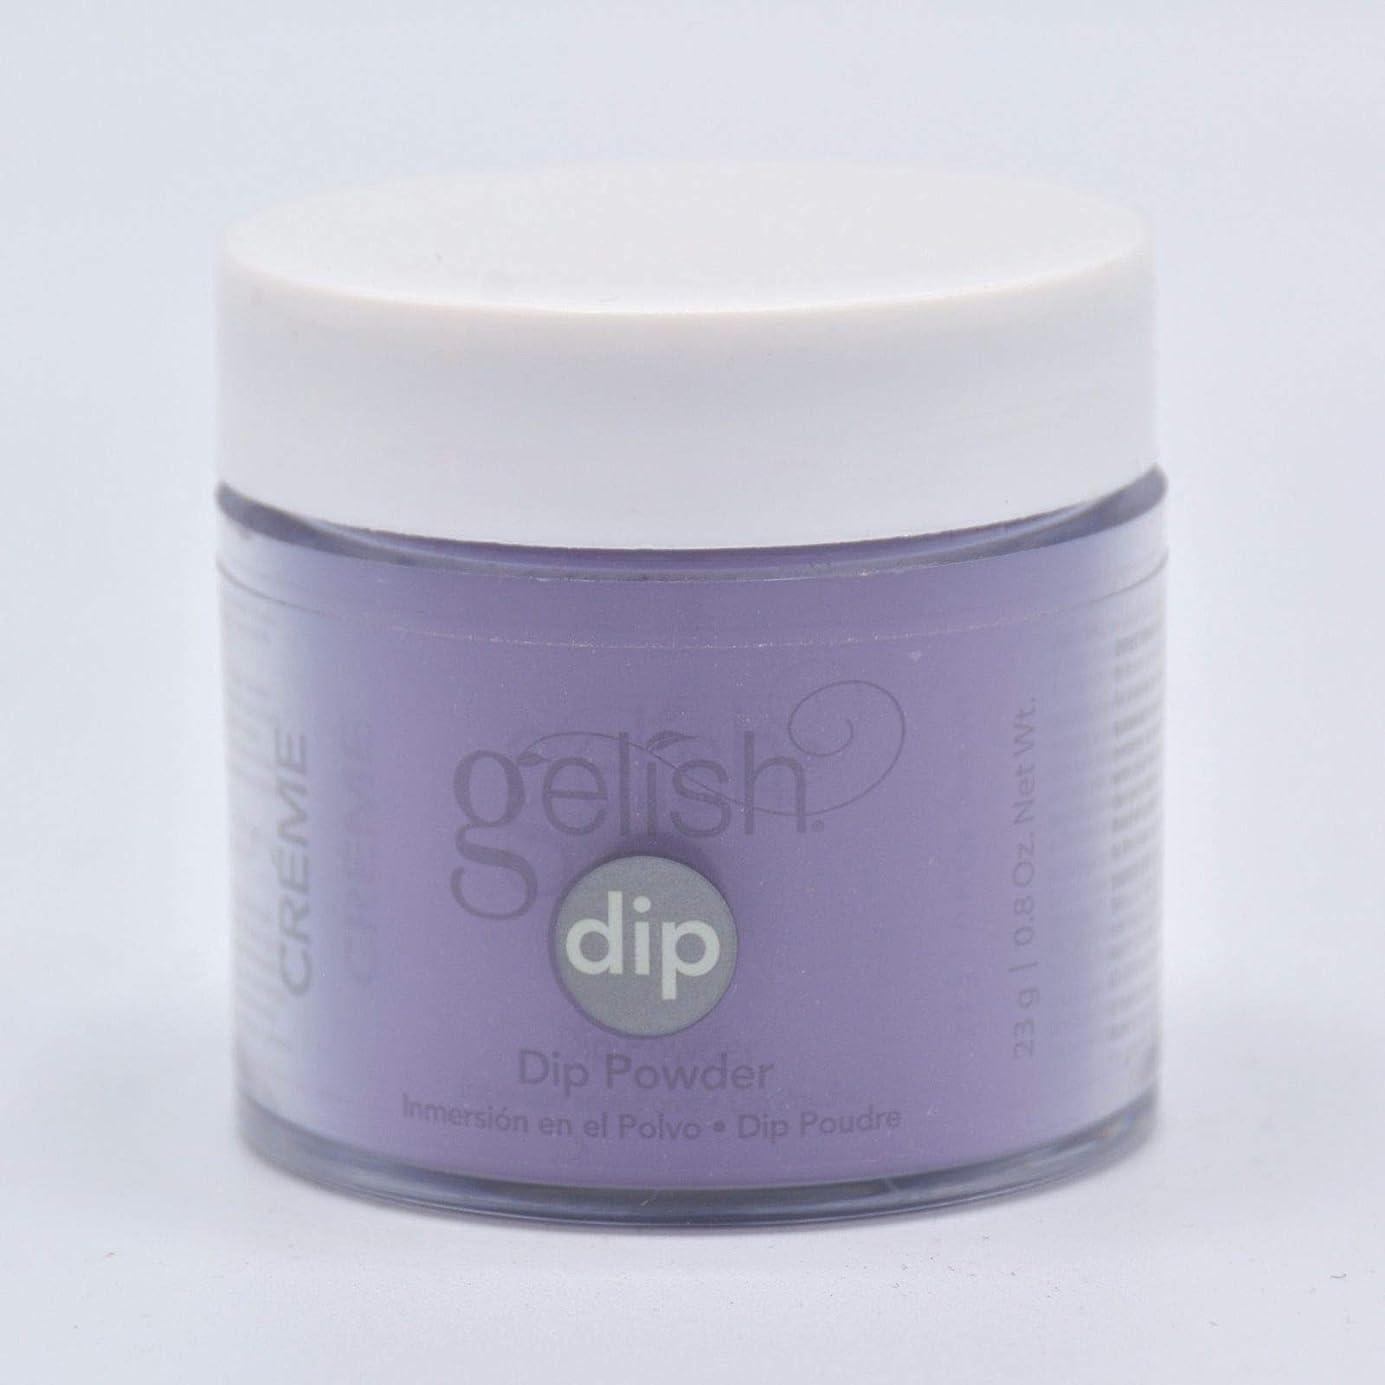 ほとんどの場合知り合い魅力的であることへのアピールHarmony Gelish - Acrylic Dip Powder - Black Cherry Berry - 23g / 0.8oz